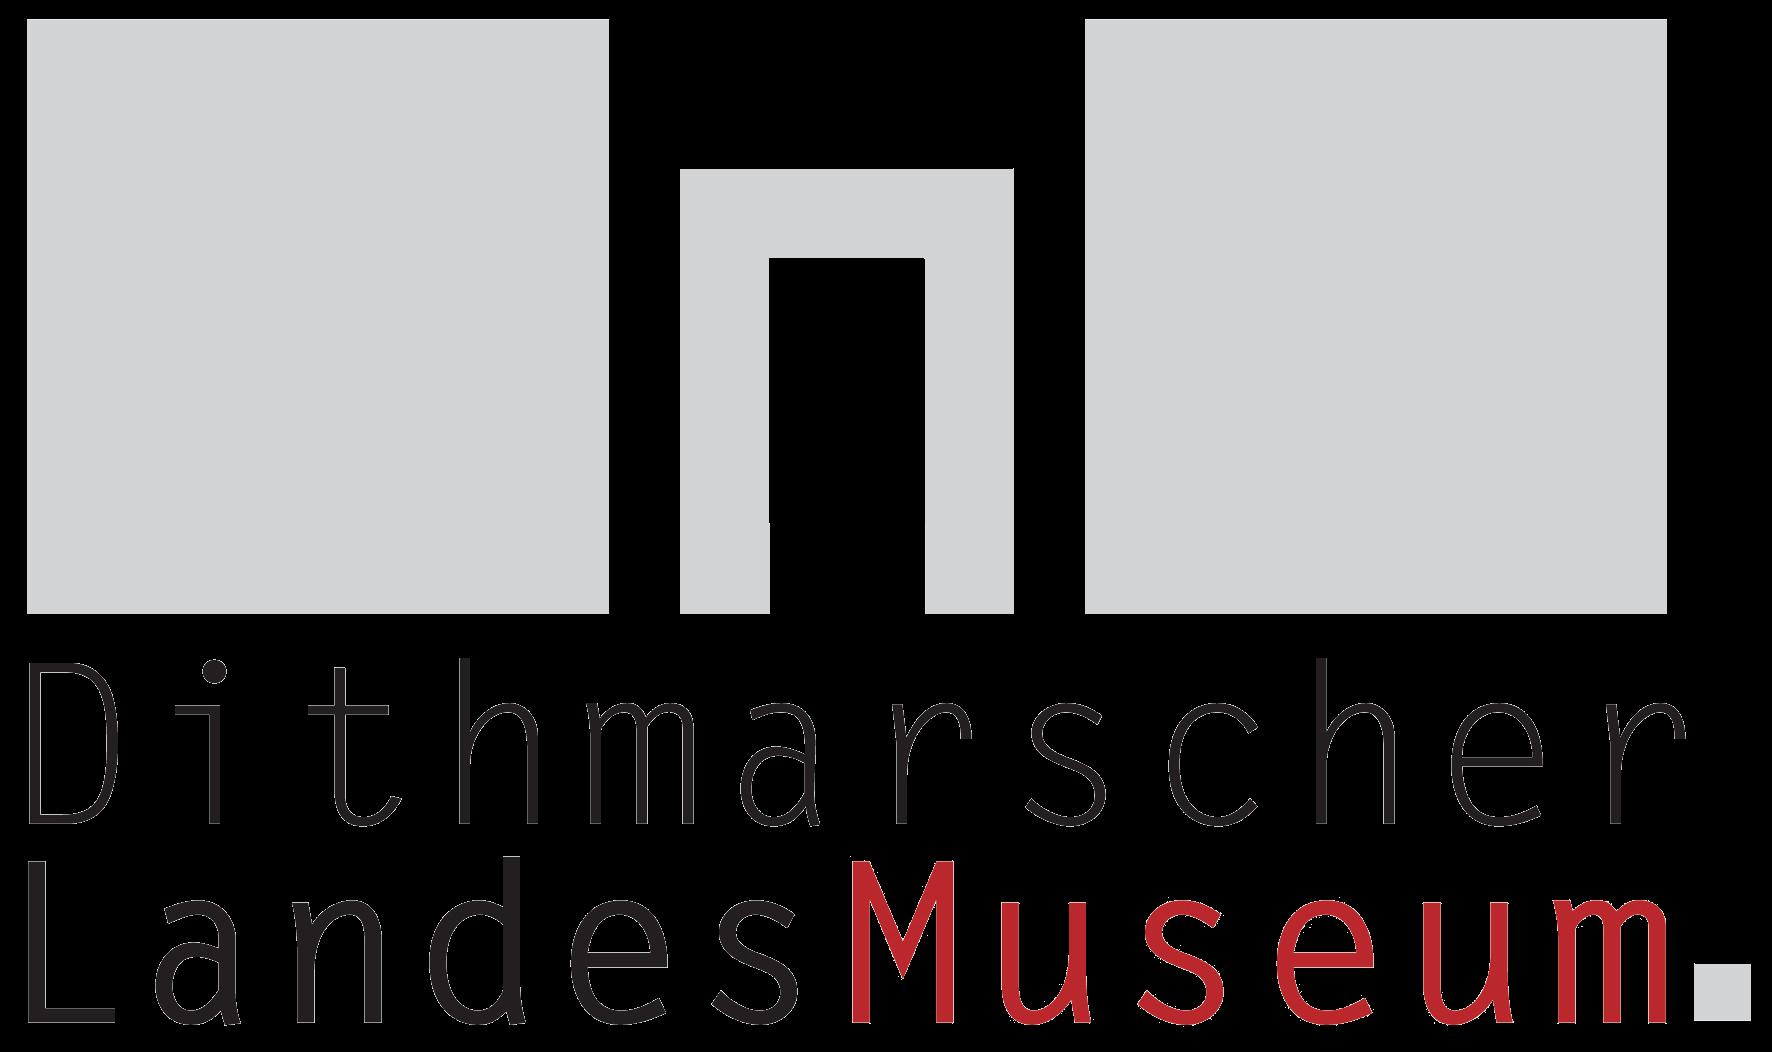 DithmarscherLandesmuseum